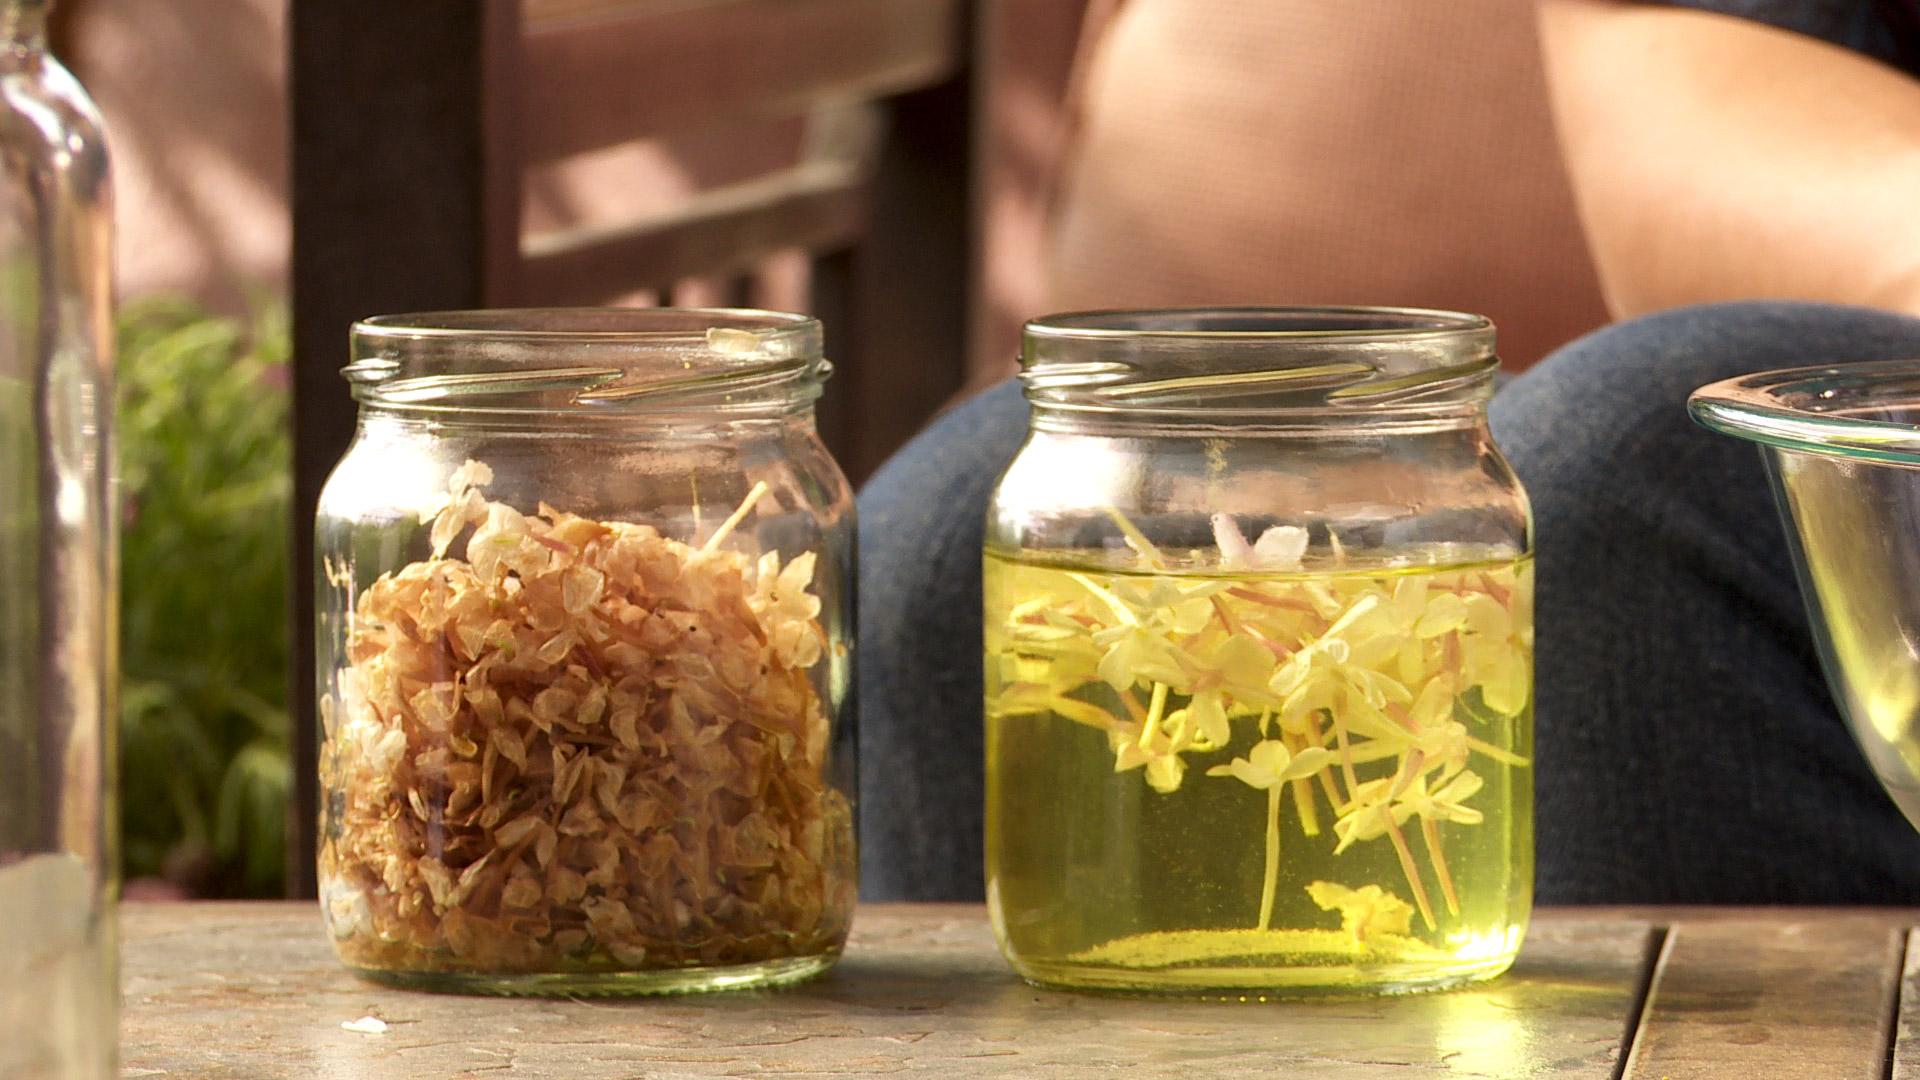 Primavera y verano es el período de floración del jazmín polyanthum o jazmín de china, una especie muy difundida por su abundante floración, y en especial por su fragancia, con la que se pueden hacer aromaterapia o aromatizadores de espacios.